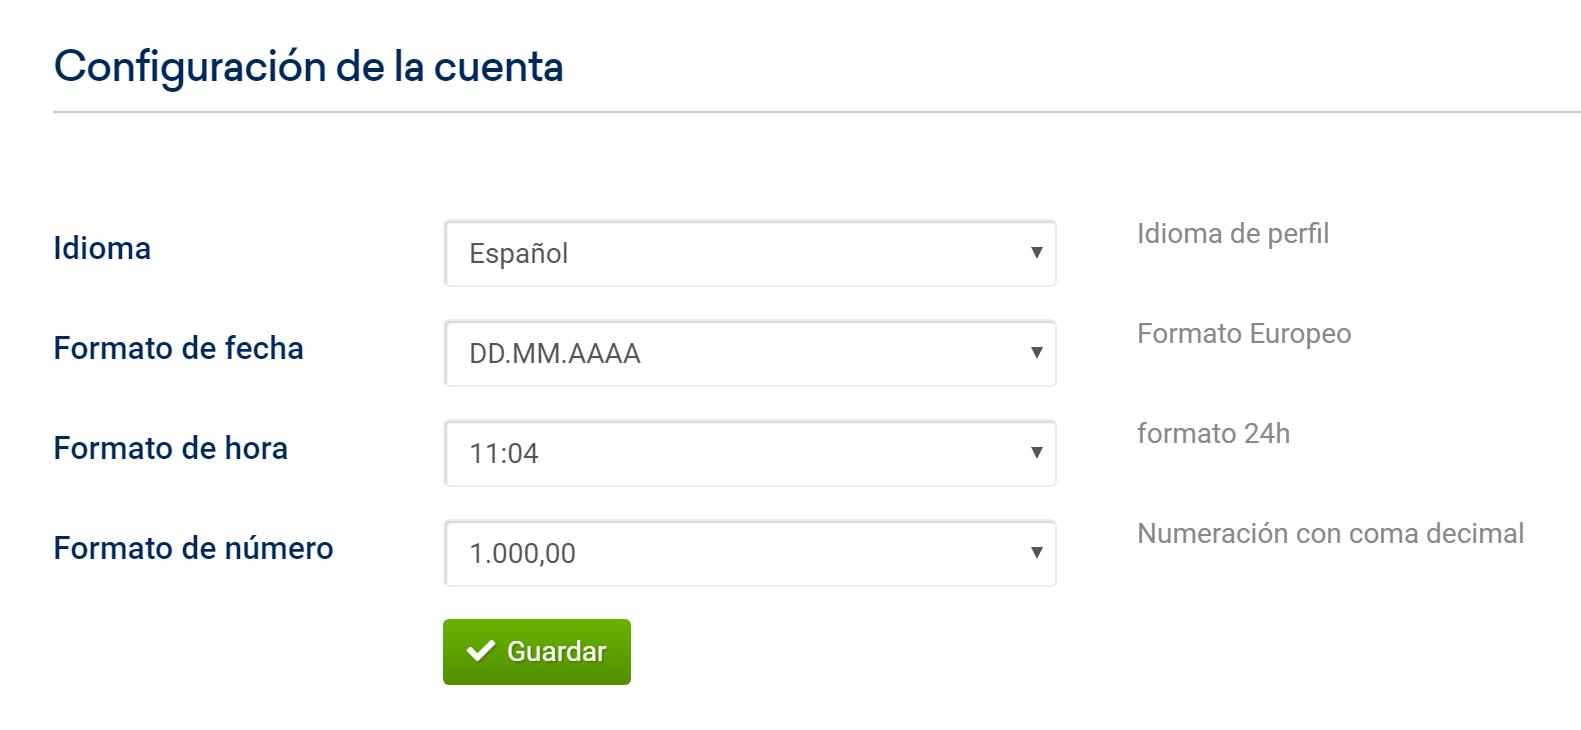 Configuración de la cuenta SISTRIX